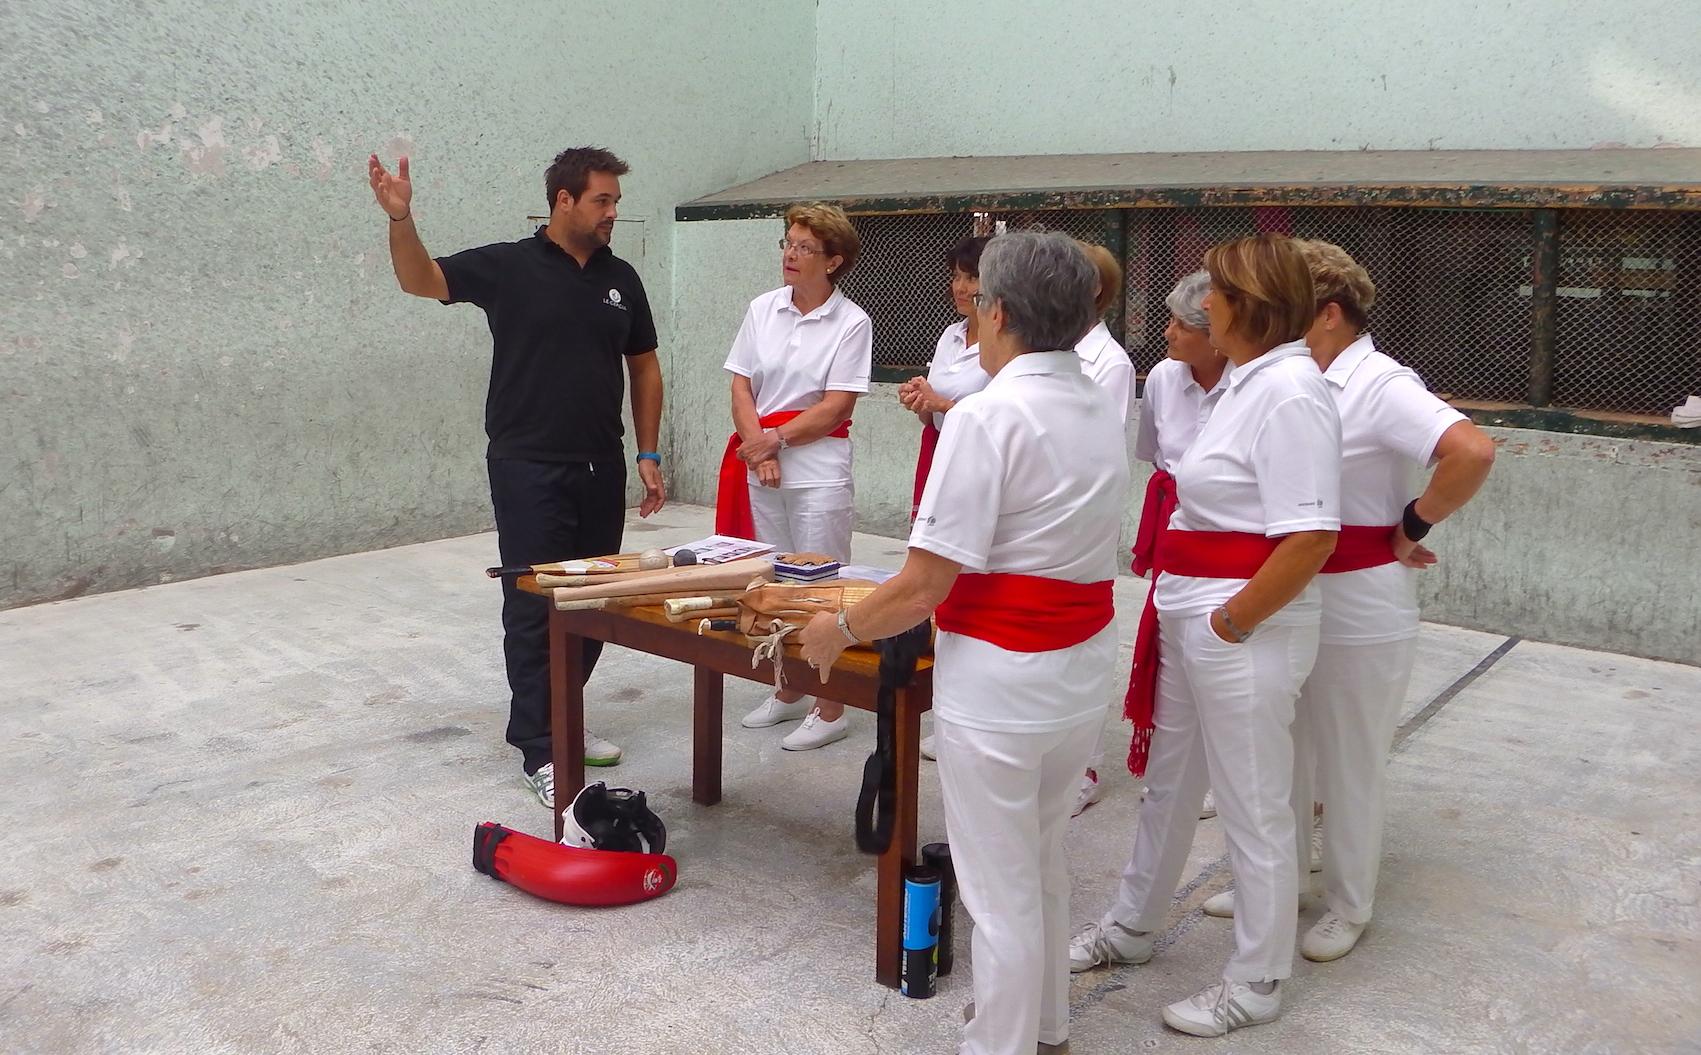 journée-visite-saint-jean-de-luz-agence-voyage-pays-basque-initiation-pelote-basque-2